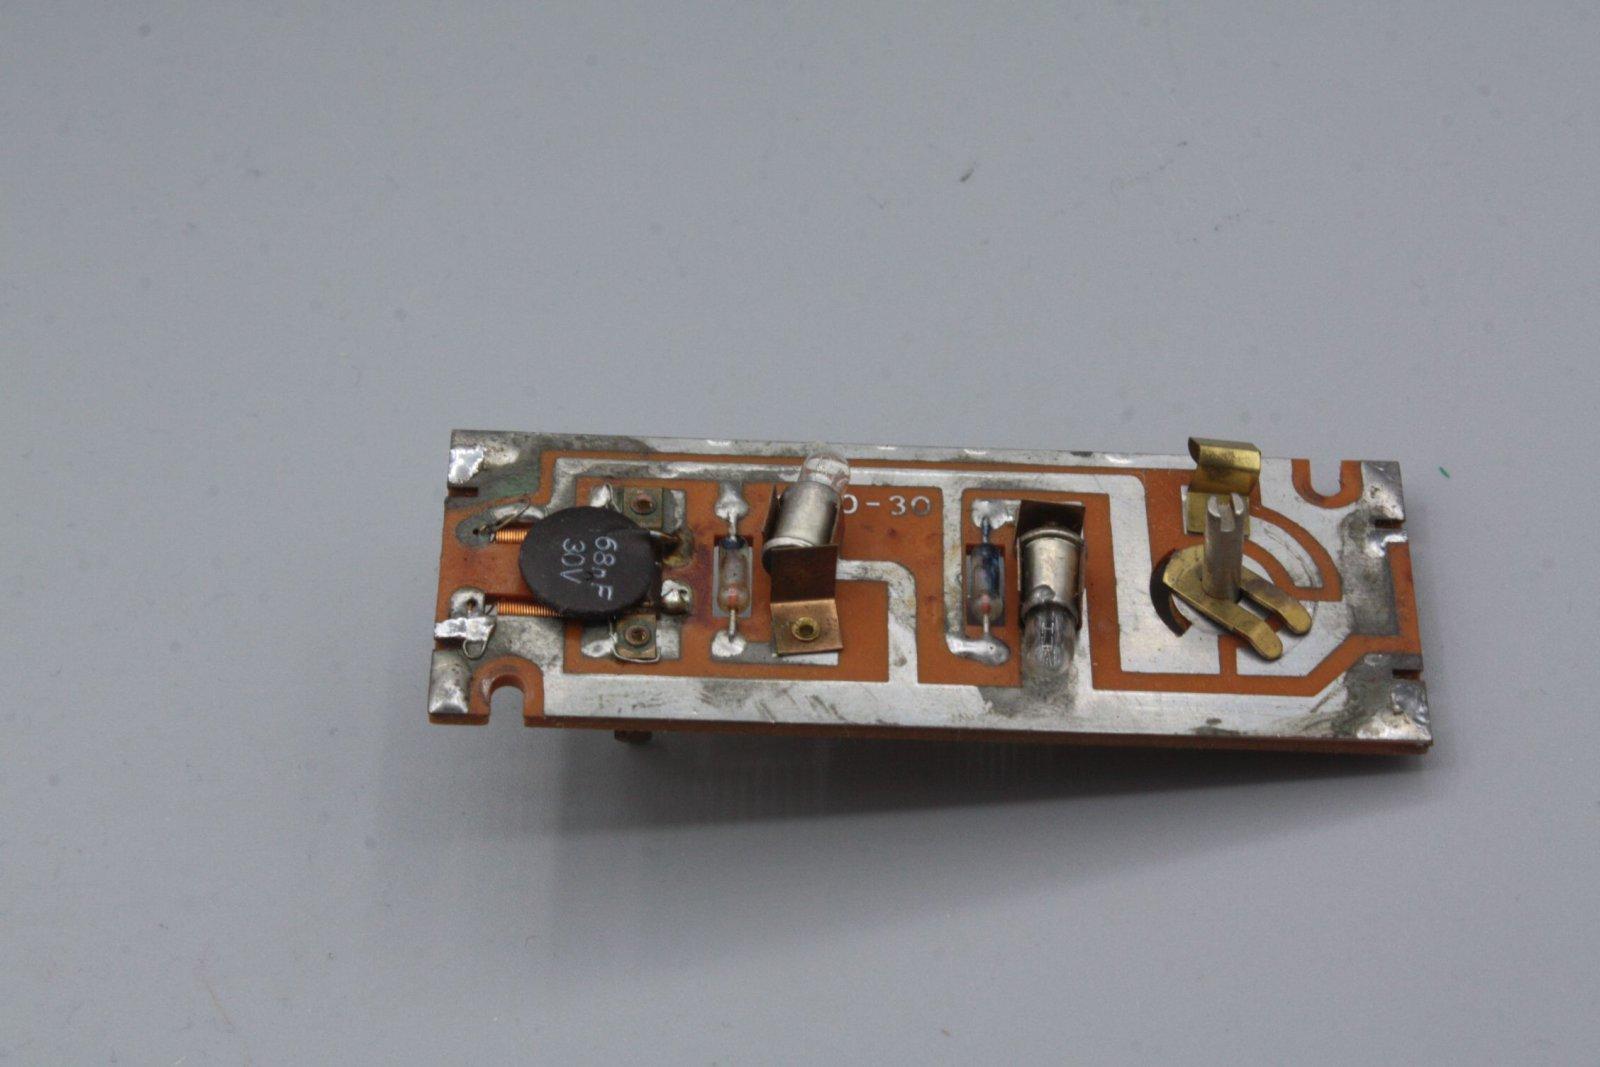 Ersatzteil Roco 140 Platine komplett - mit Glühlampen -älteres Modell (2)